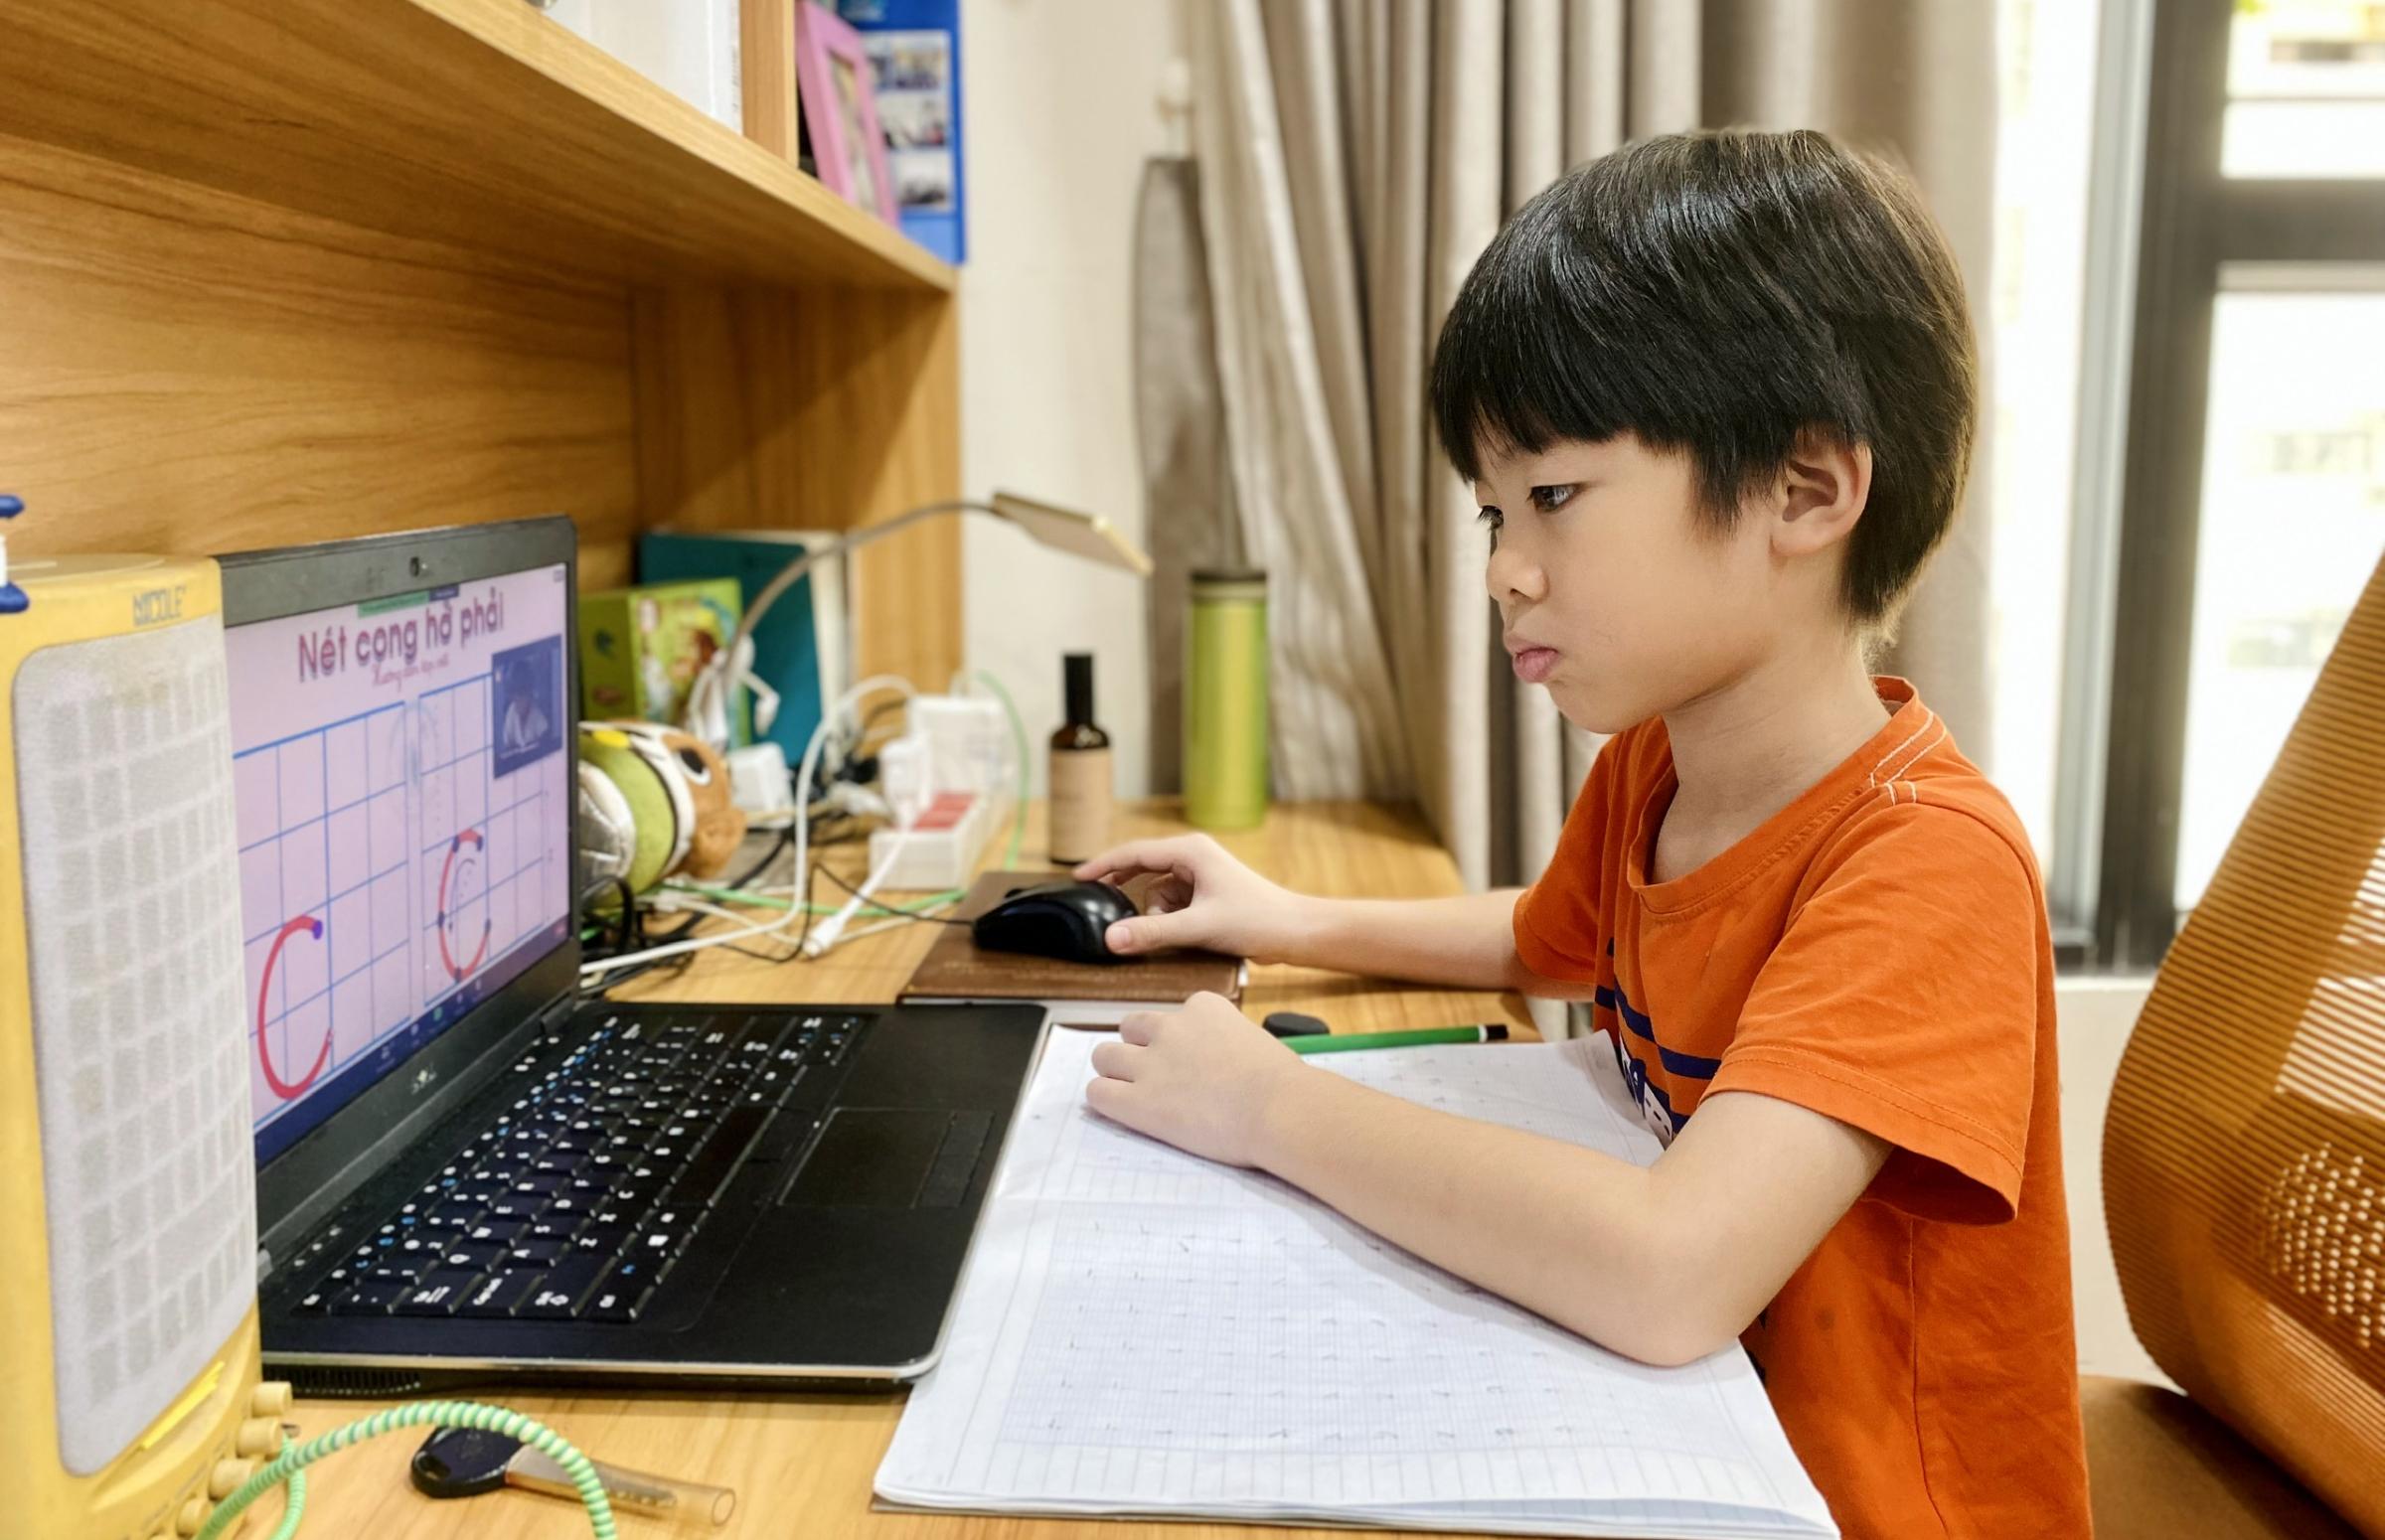 Học sinh lớp 1 trường Tiểu học Lương Thế Vinh, quận 7 làm quen cách học trực tuyến tại nhà, ngày 17/9. Ảnh: Phụ huynh cung cấp